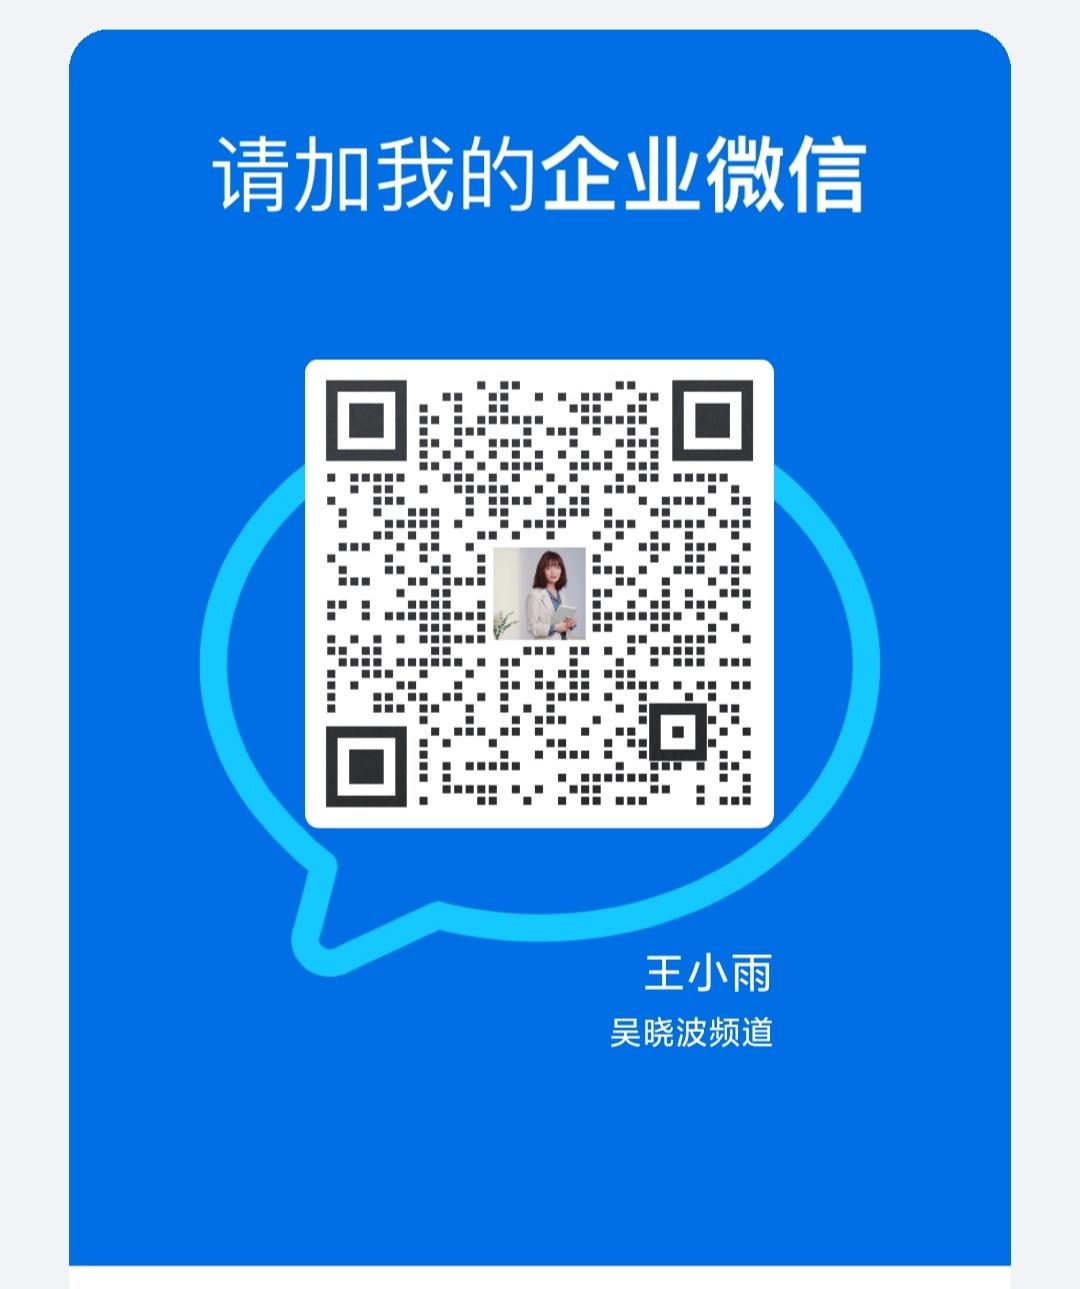 微信图片_20211010172932.jpg